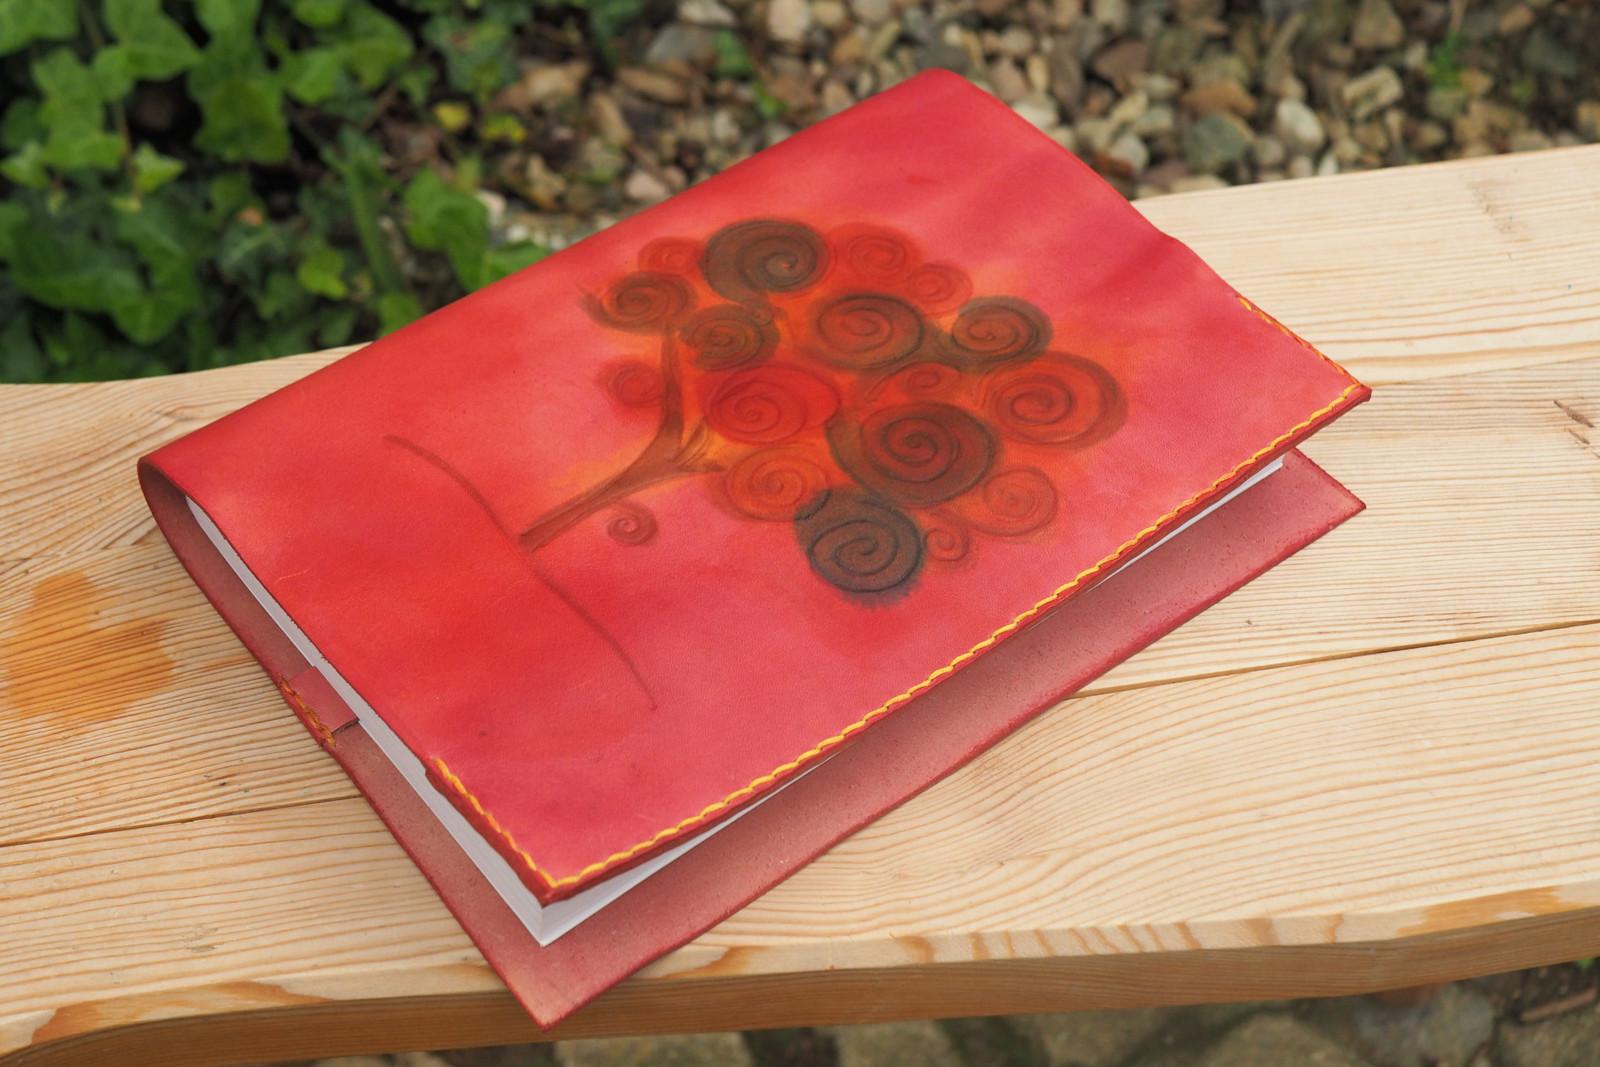 Rostoucí kožený obal na knížku- strom života   Zboží prodejce ... 9eb3ada4bc